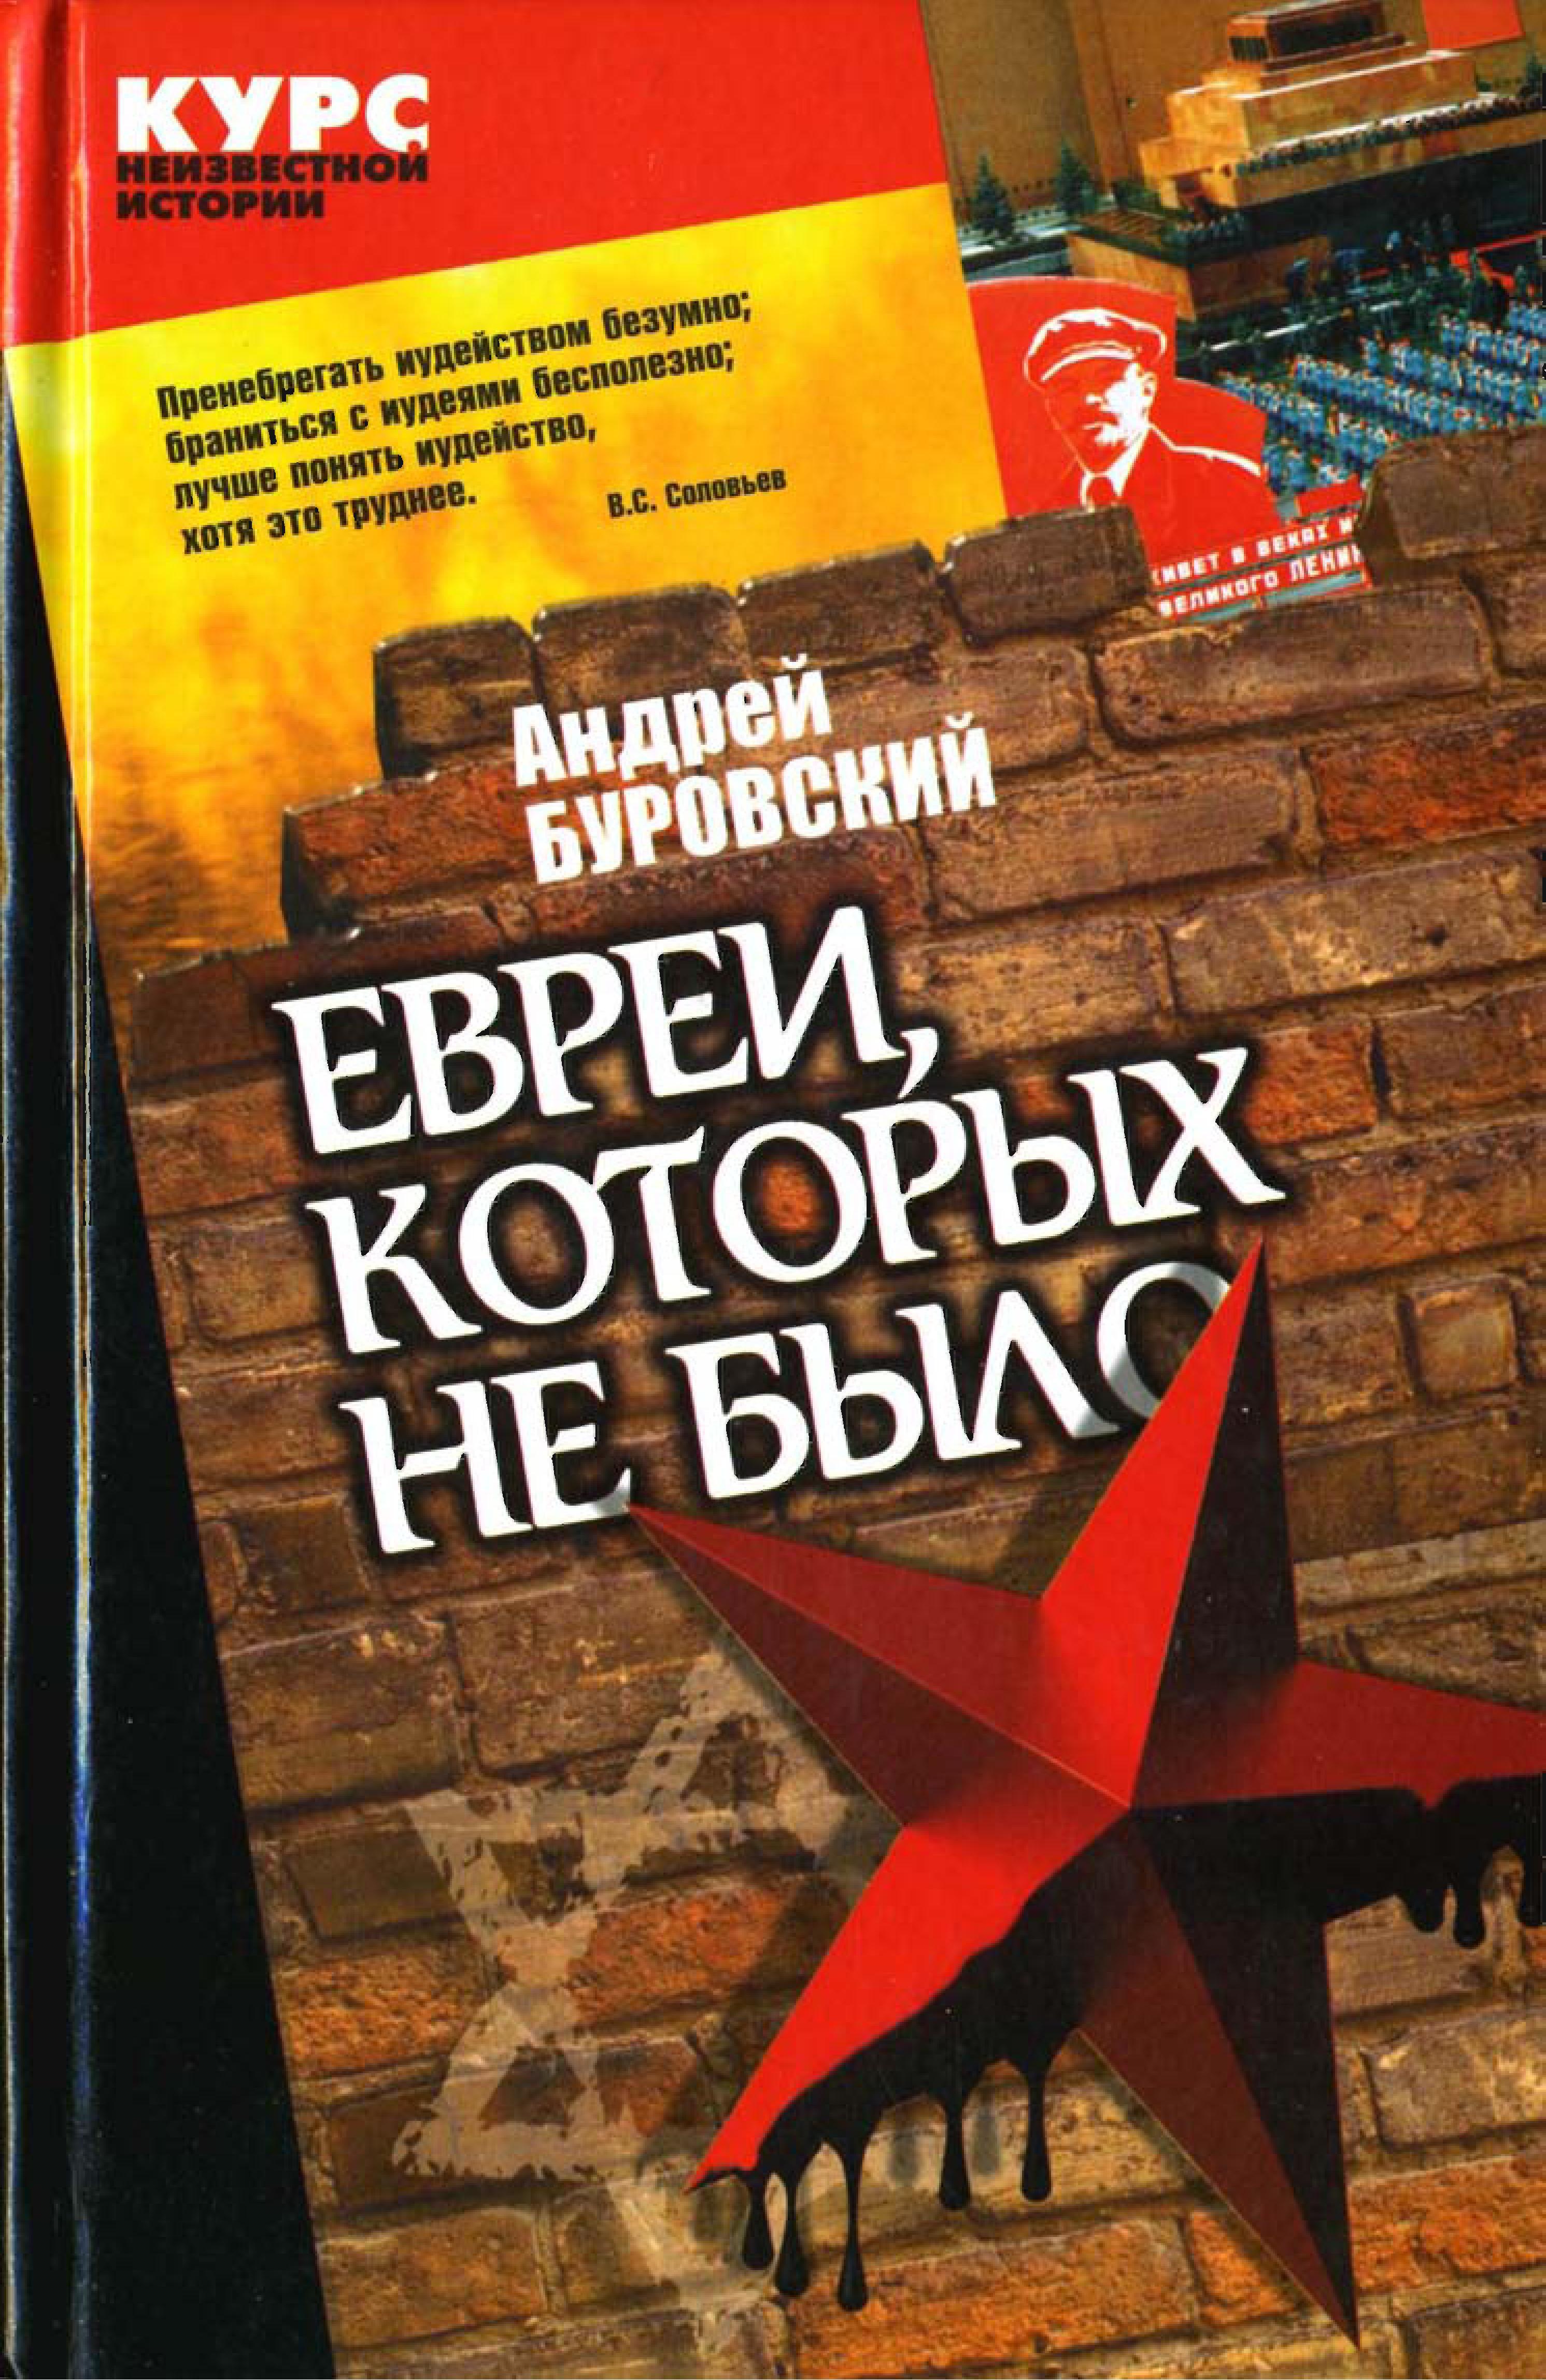 Буровский Андрей - Евреи, которых не было. Книга 2 скачать бесплатно